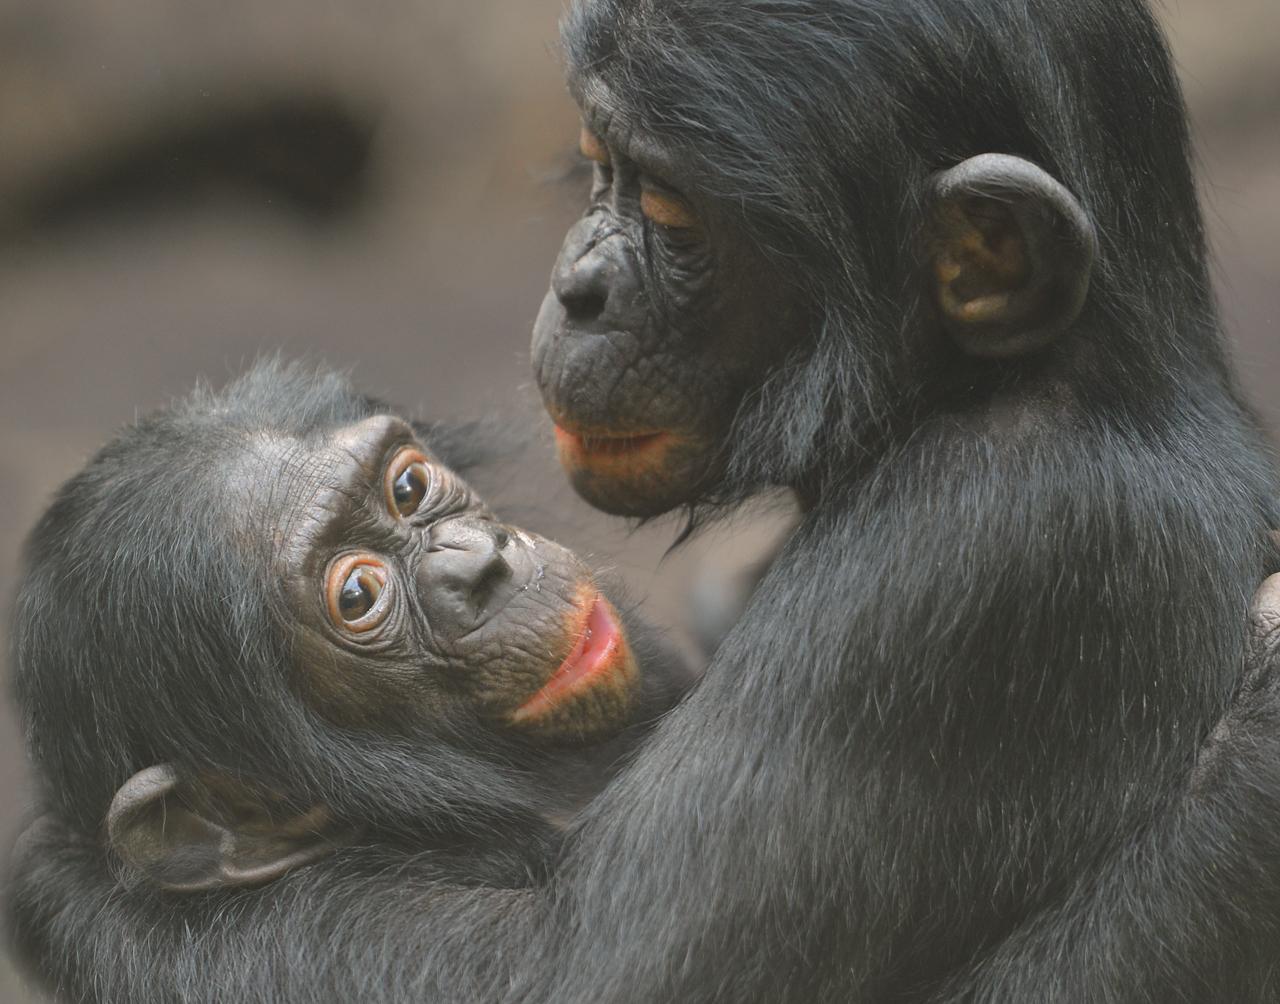 Los bonobos viven en sociedades más pacíficas en comparación con sus dos parientes cercanos, los chimpancés y los humanos. Foto de Jutta Hof, cortesía del Proyecto Bonobo